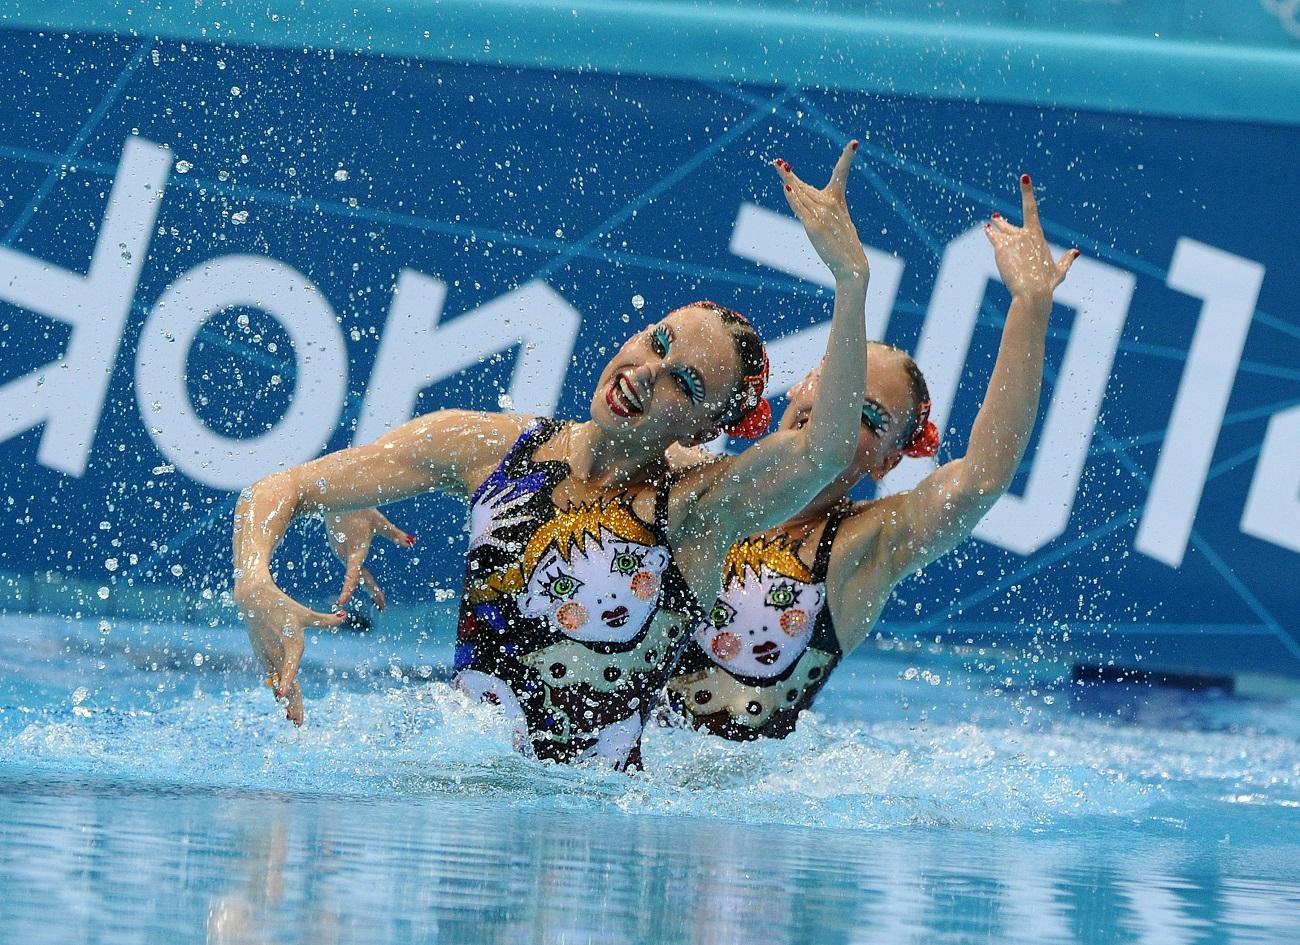 ふたりがデュエットを組んだのは2009年のこと。以来ふたりは信じられないほど多数の大会を制し、2012年にはロンドン五輪のデュエット競技で金を獲得した。2008年の北京五輪ではグループ競技で金メダルを取るにとどまった。/ ロンドン五輪の出場